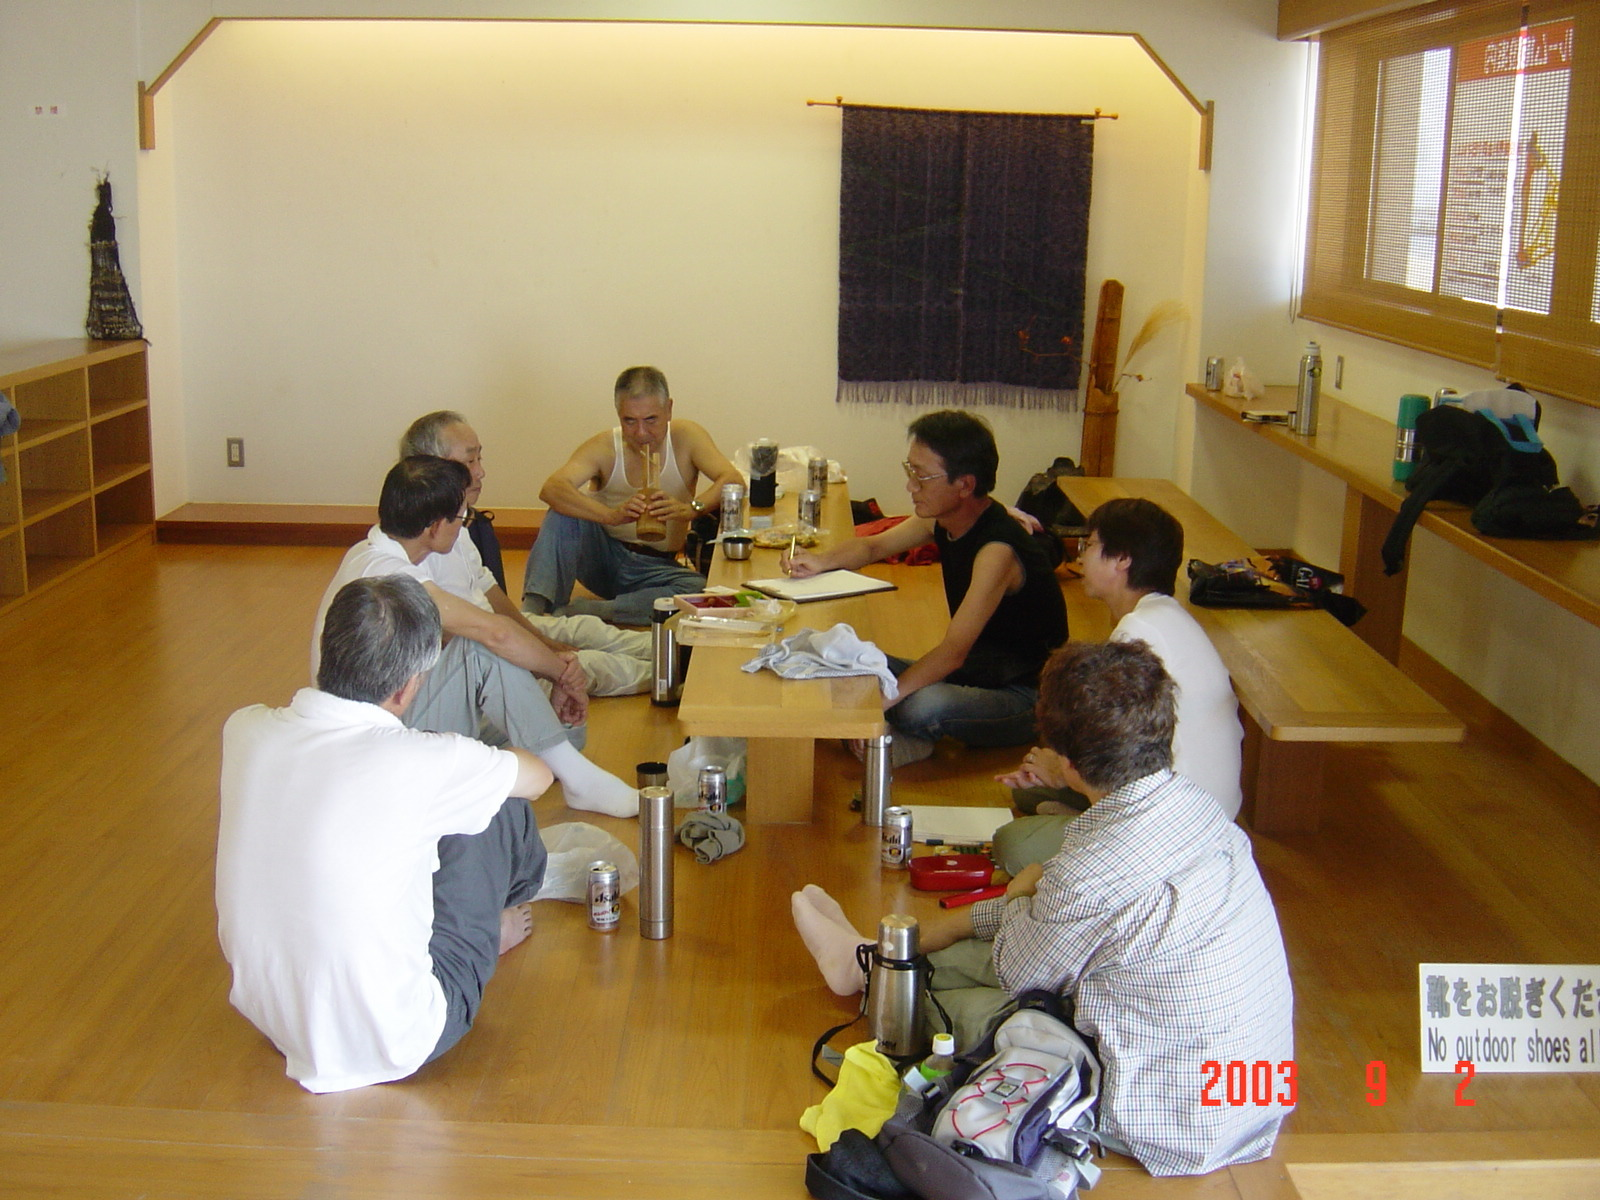 うみべの森の歴史⑮「2003年9月の活動」_c0108460_11275637.jpg